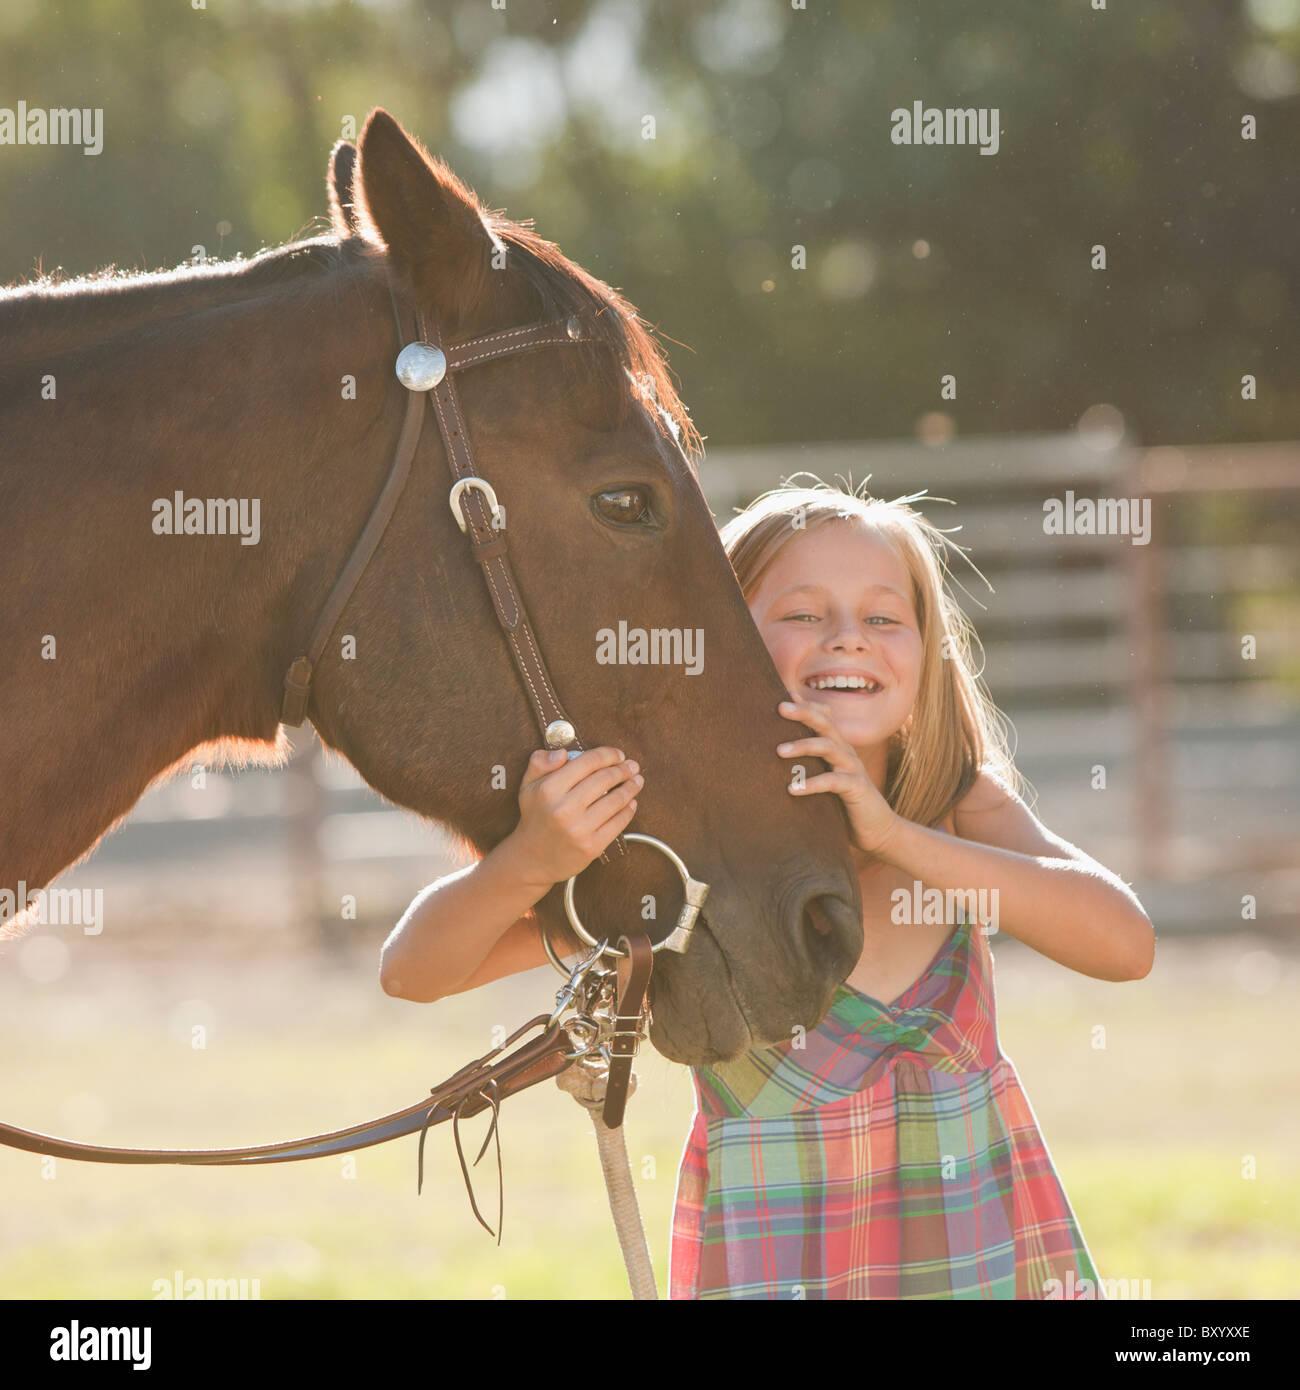 Retrato de sonriente cowgirl a caballo en el rancho Imagen De Stock